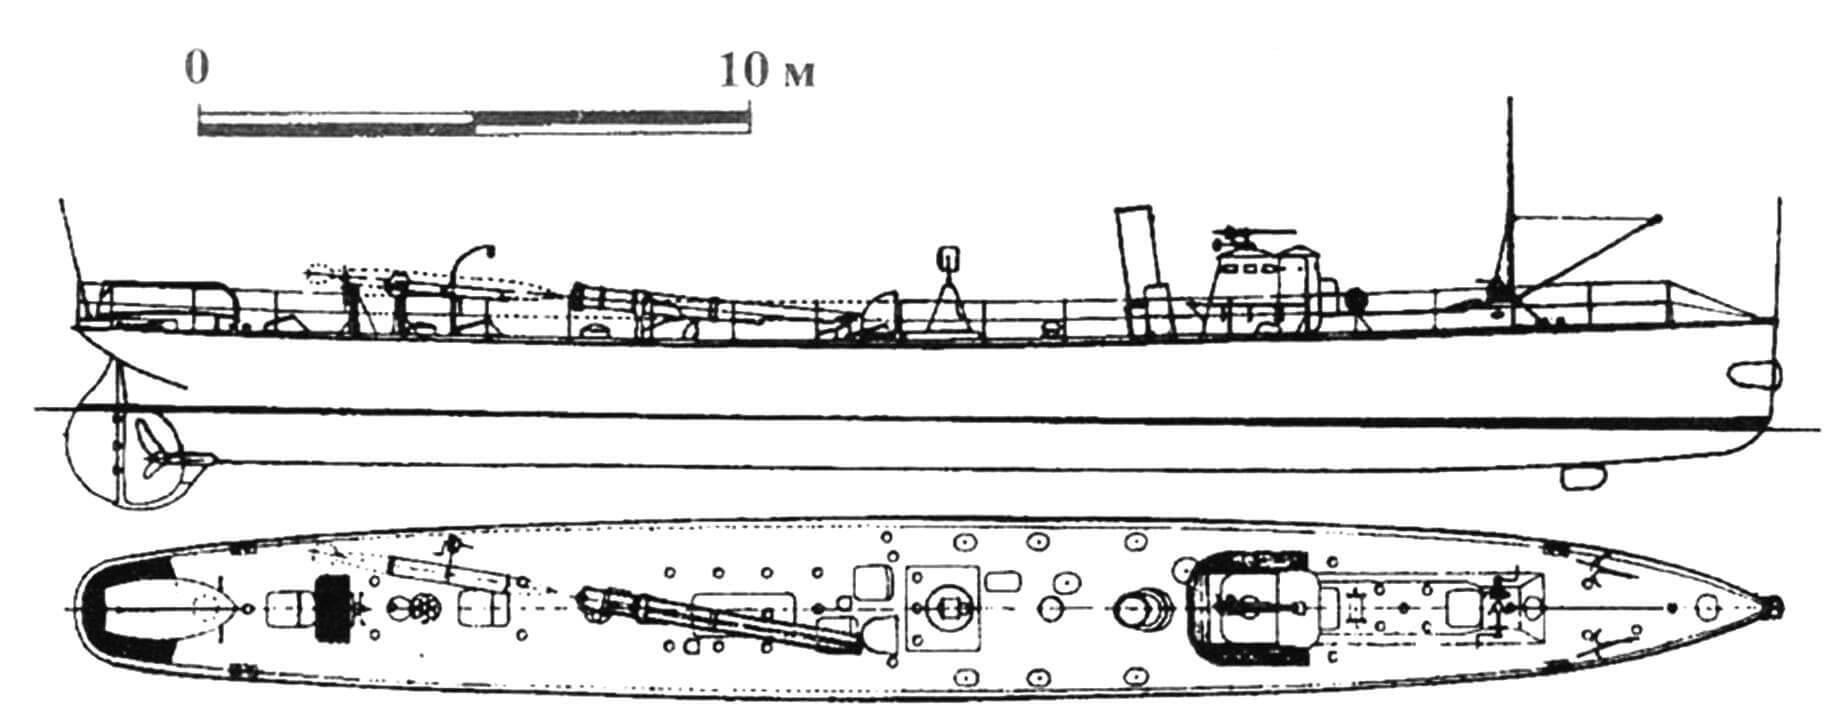 89. Миноносец 2-го класса «Агне», Швеция, 1892 г. Строился на госверфи в Карлскроне. Водоизмещение нормальное 40 т, полное 55 т. Длина наибольшая 31,5 м, ширина 3,55 м, осадка 1,85 м. Мощность одновальной паросиловой установки 460 л.с., скорость на испытаниях 19 узлов. Вооружение: два торпедных аппарата, одна 37-мм пушка. Всего построено семь единиц: «Агне» (№ 75), «Агда» (№77), «Бюгве» (№ 71), «Бюльгия» (№73), «Гальдар» (№ 65), «Нарф» (№ 67) и «Норве» (№ 69).